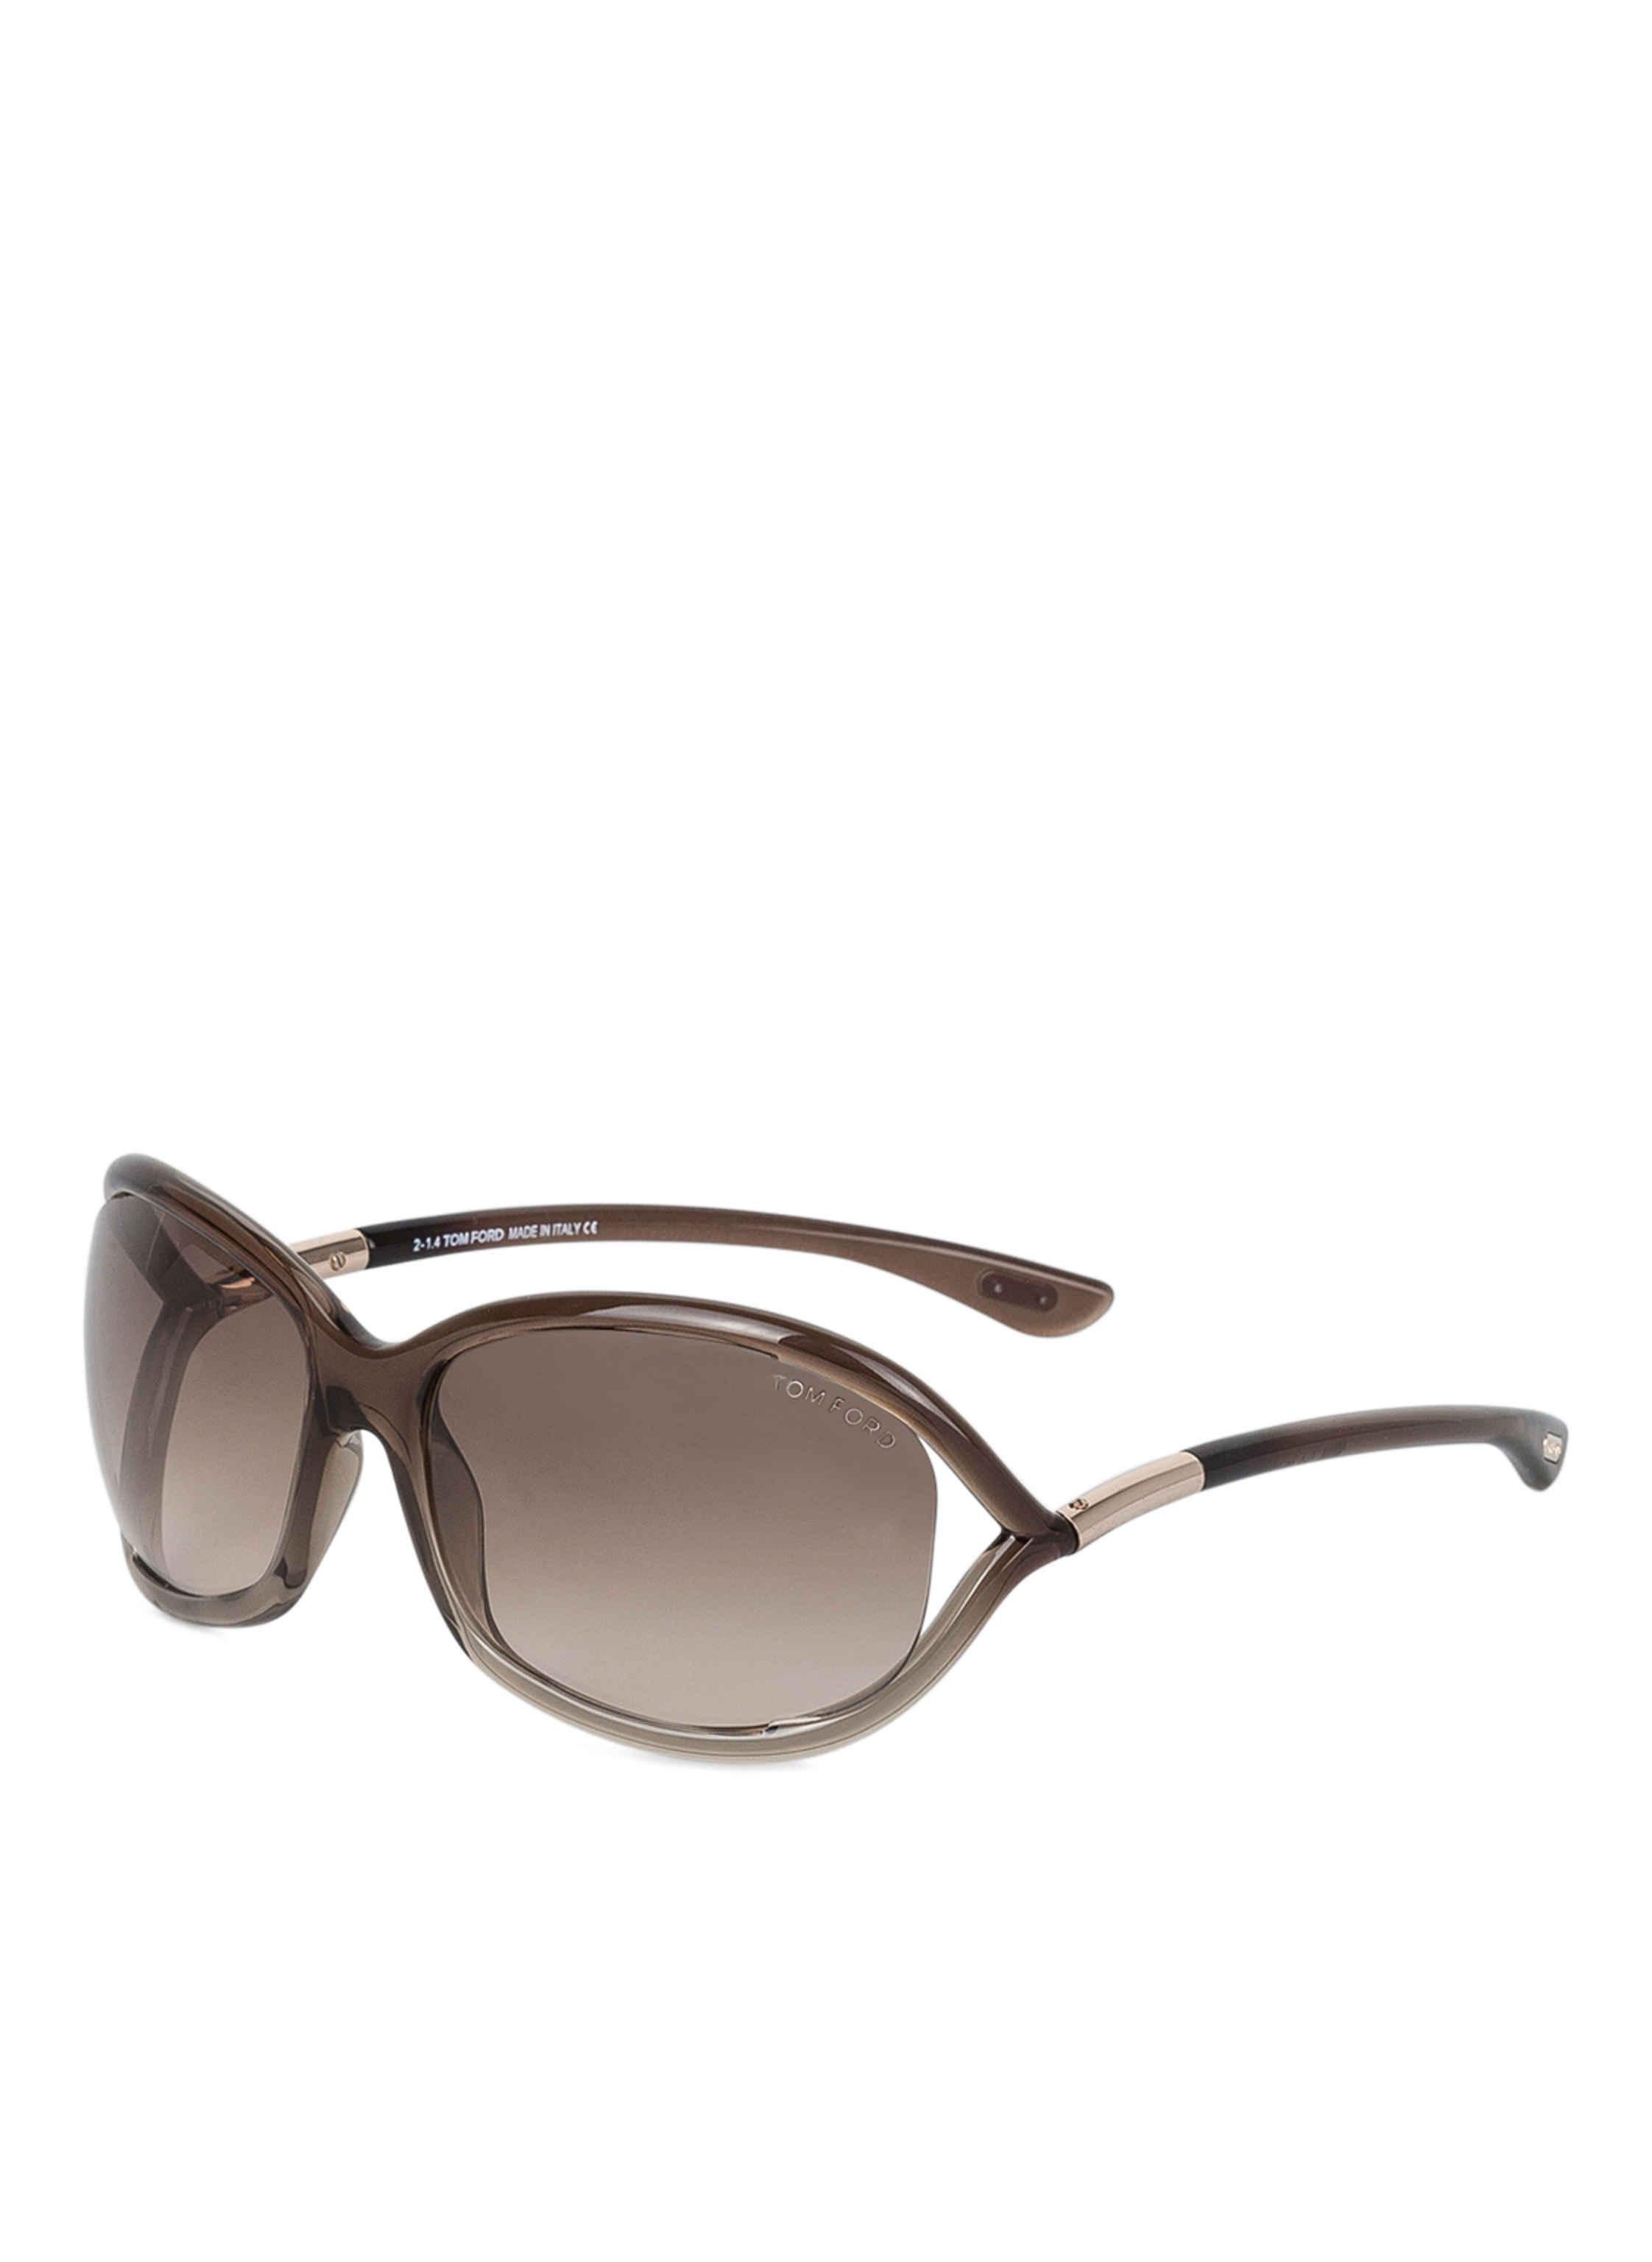 Sonnenbrille FT0008 JENNIFER von TOM FORD bei Breuninger kaufen